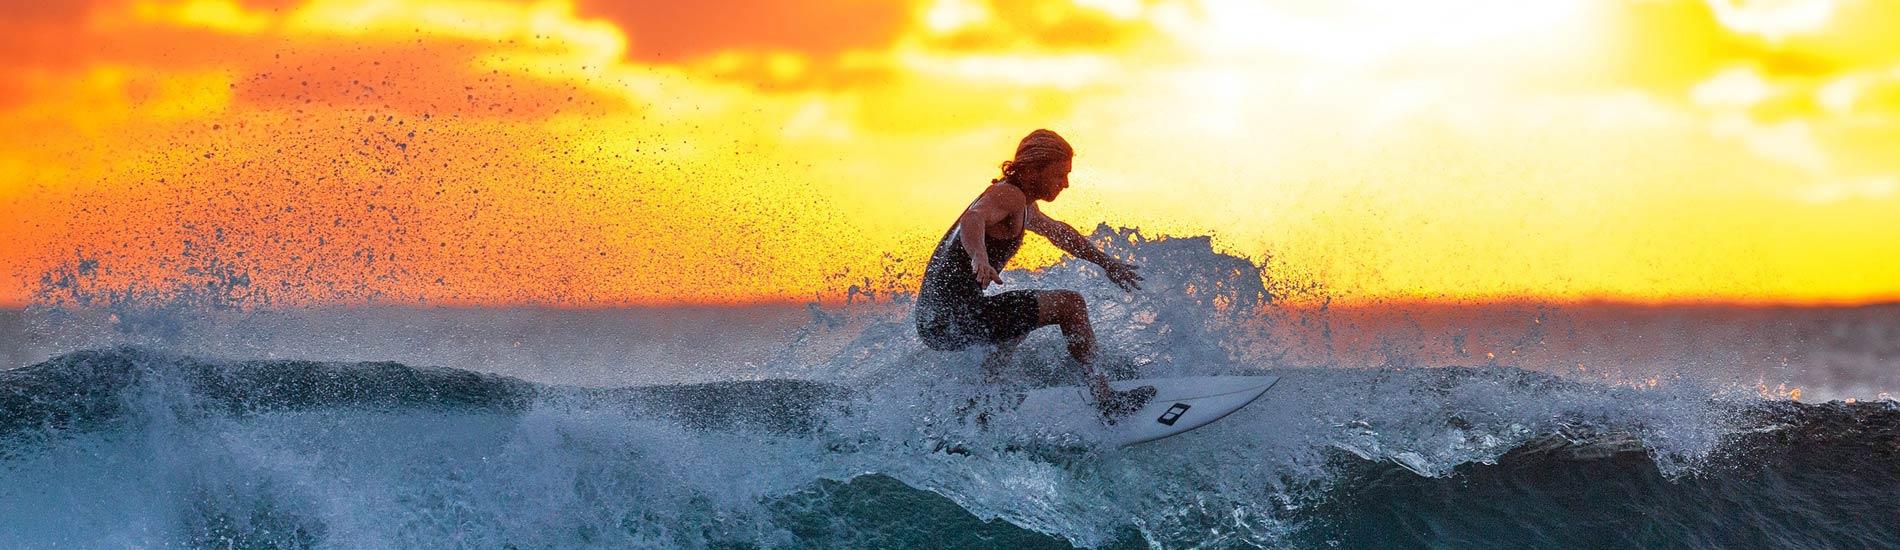 surfing villas in mexico